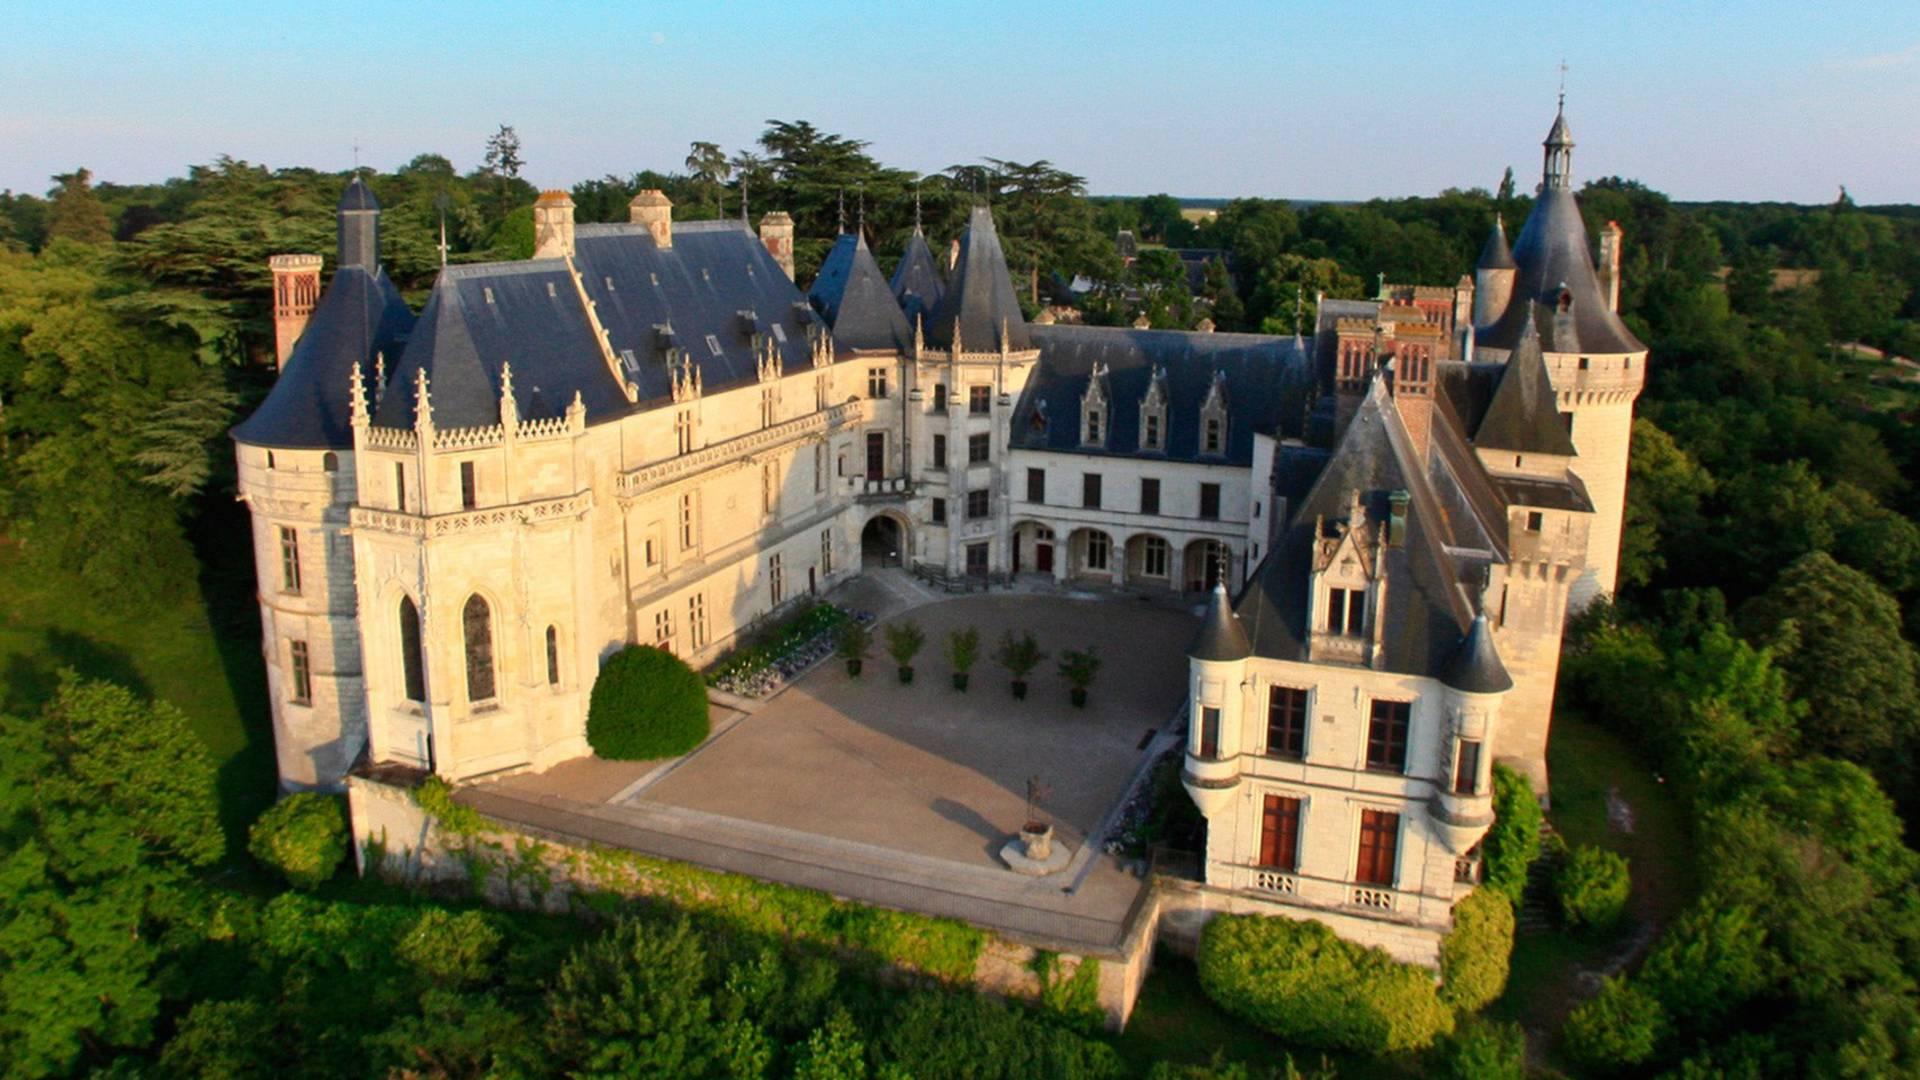 The Château de Chaumont-sur-Loire